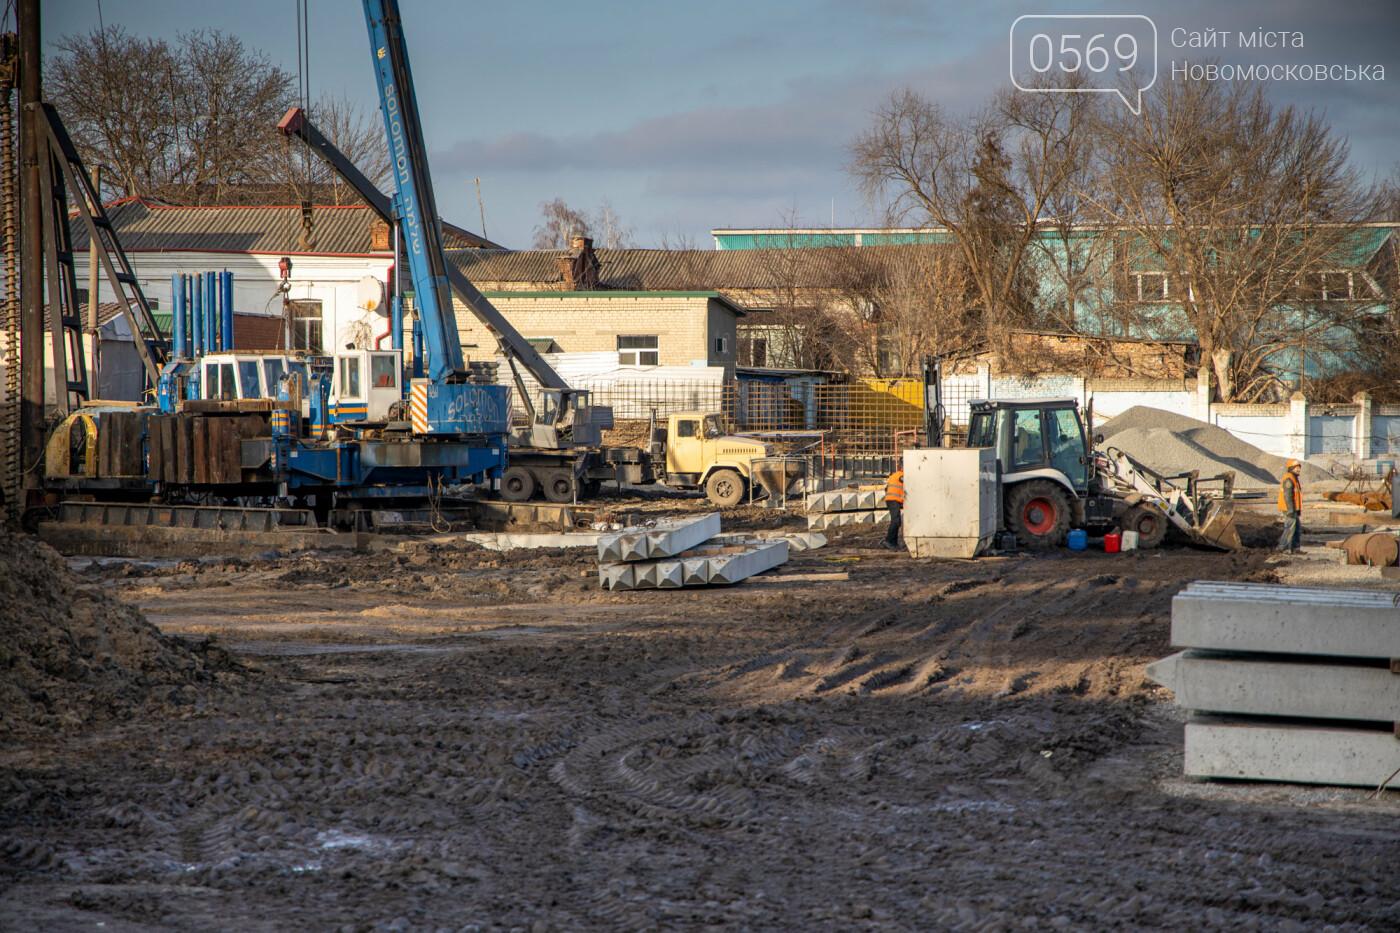 Зі станом робіт з реконструкції Центрального стадіону Новомосковська ознайомився очільник ДніпроОДА, фото-1